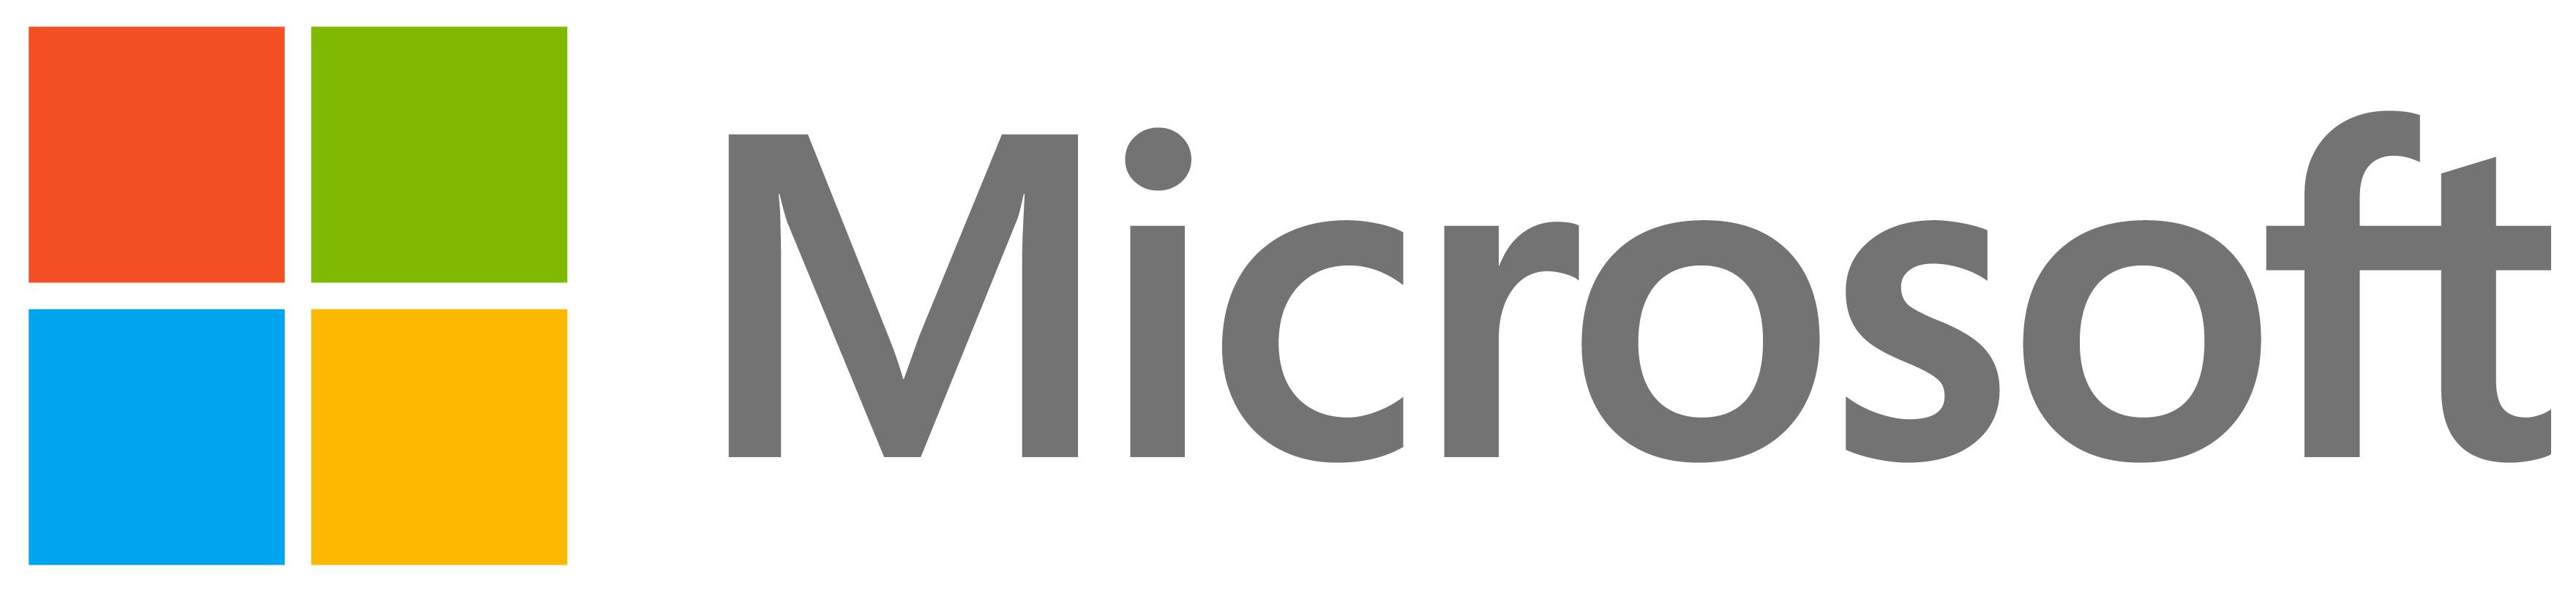 Partner-Slideshow-Microsoft